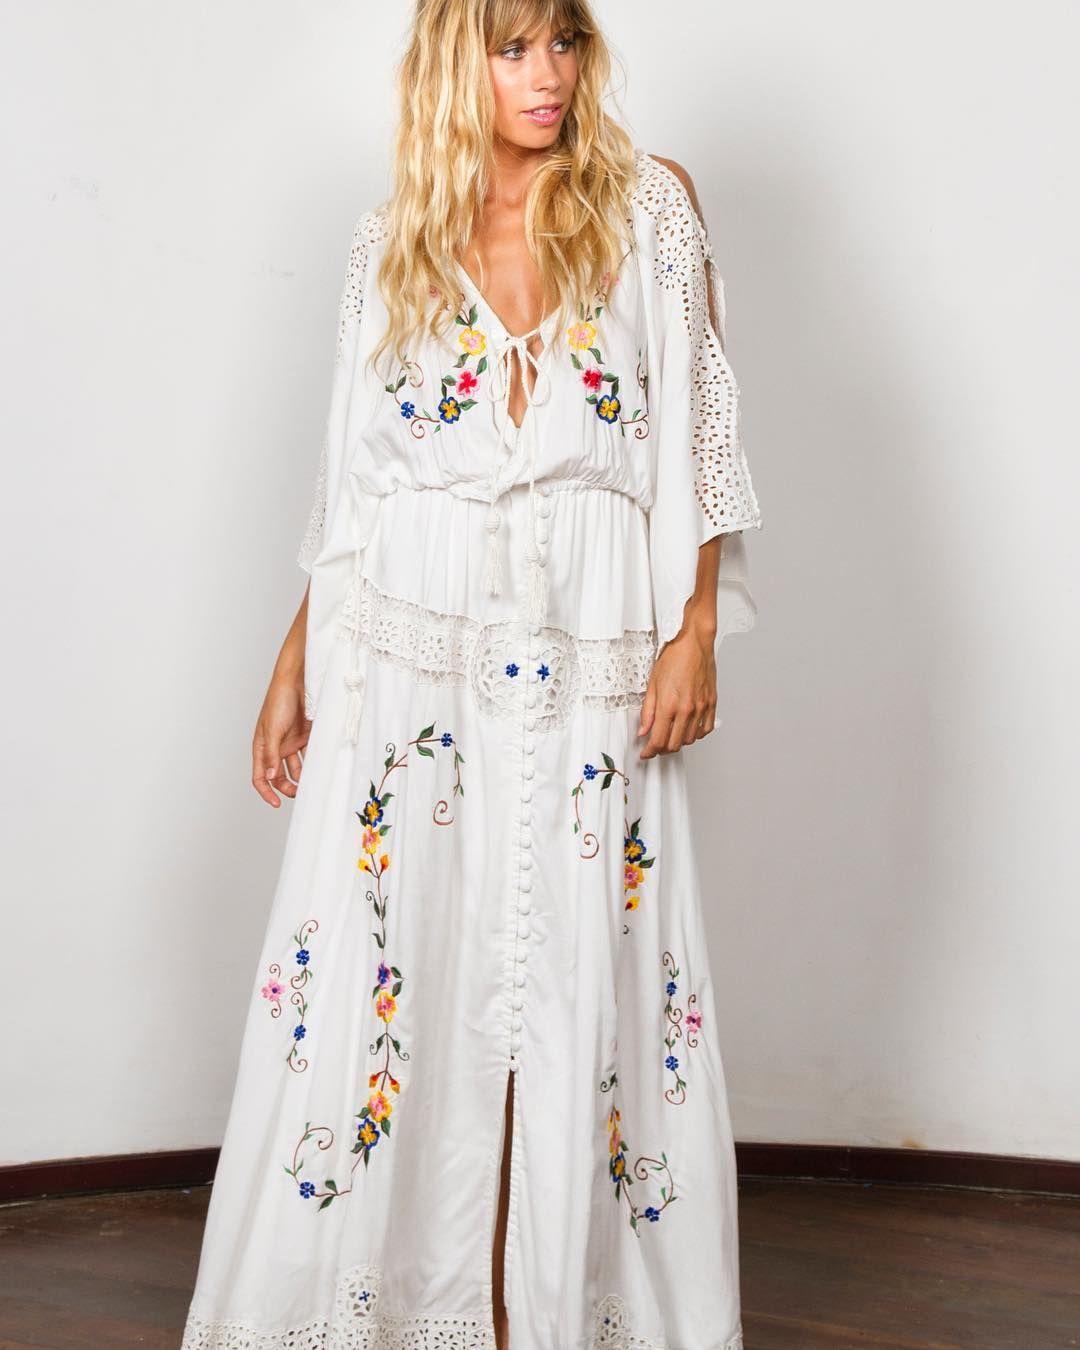 Fillyboo u photos et vidéos instagram robes pinterest robe